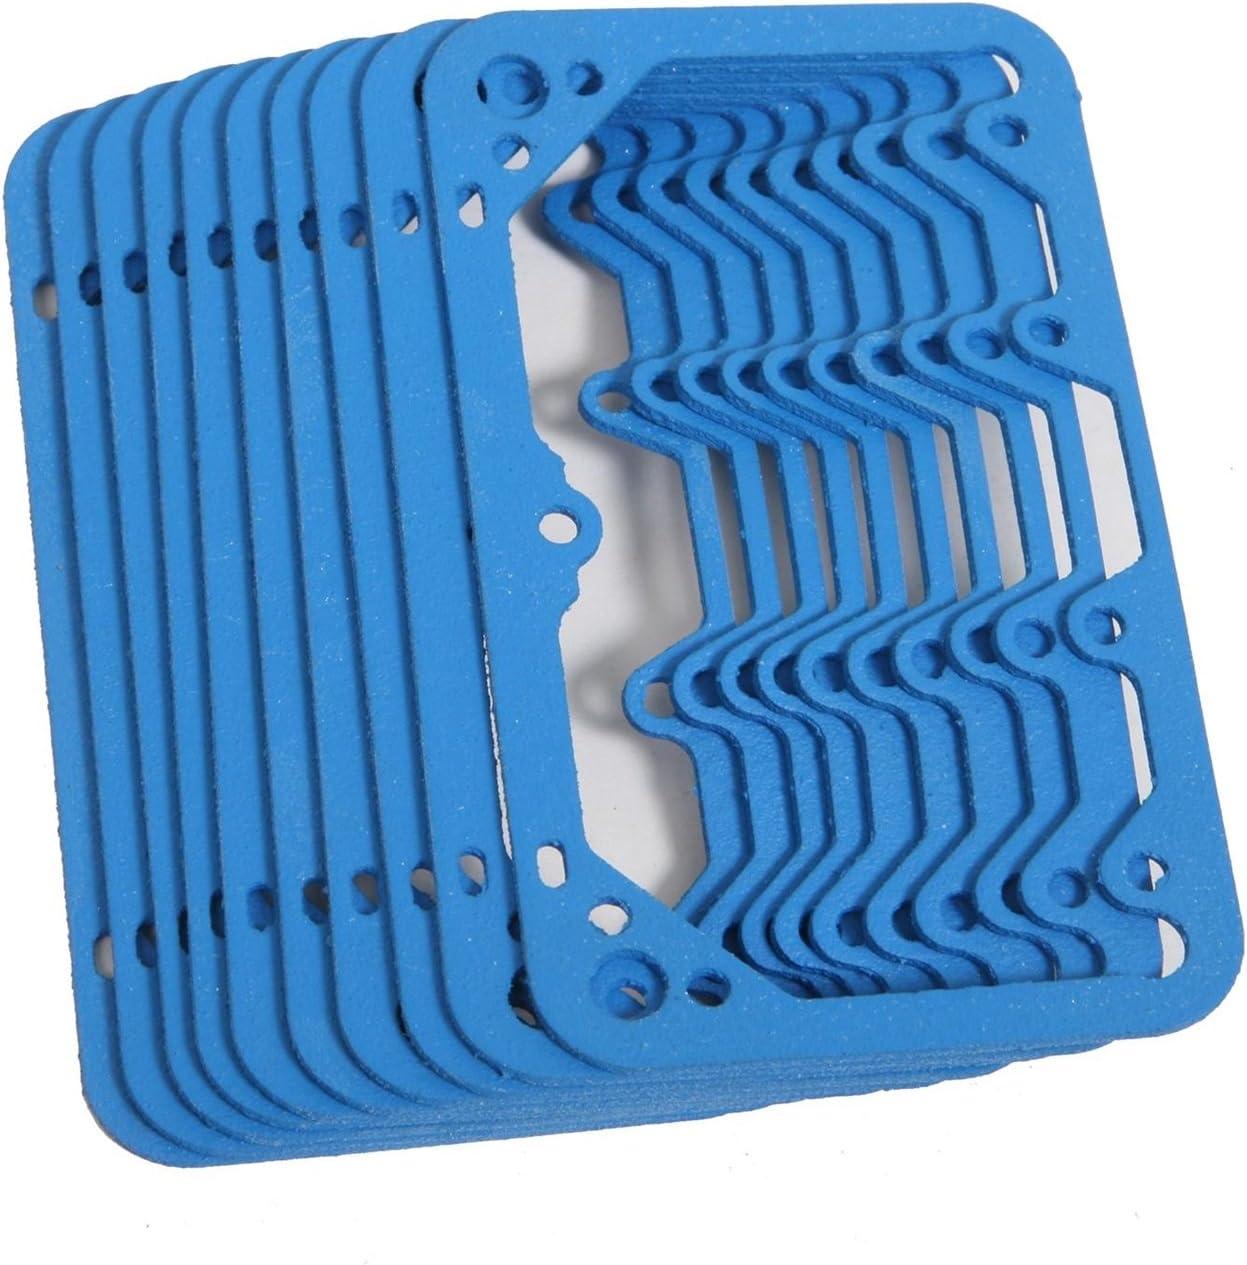 Holley 1008-1907-1 Carb Metering Block Gasket Metering Block Gasket